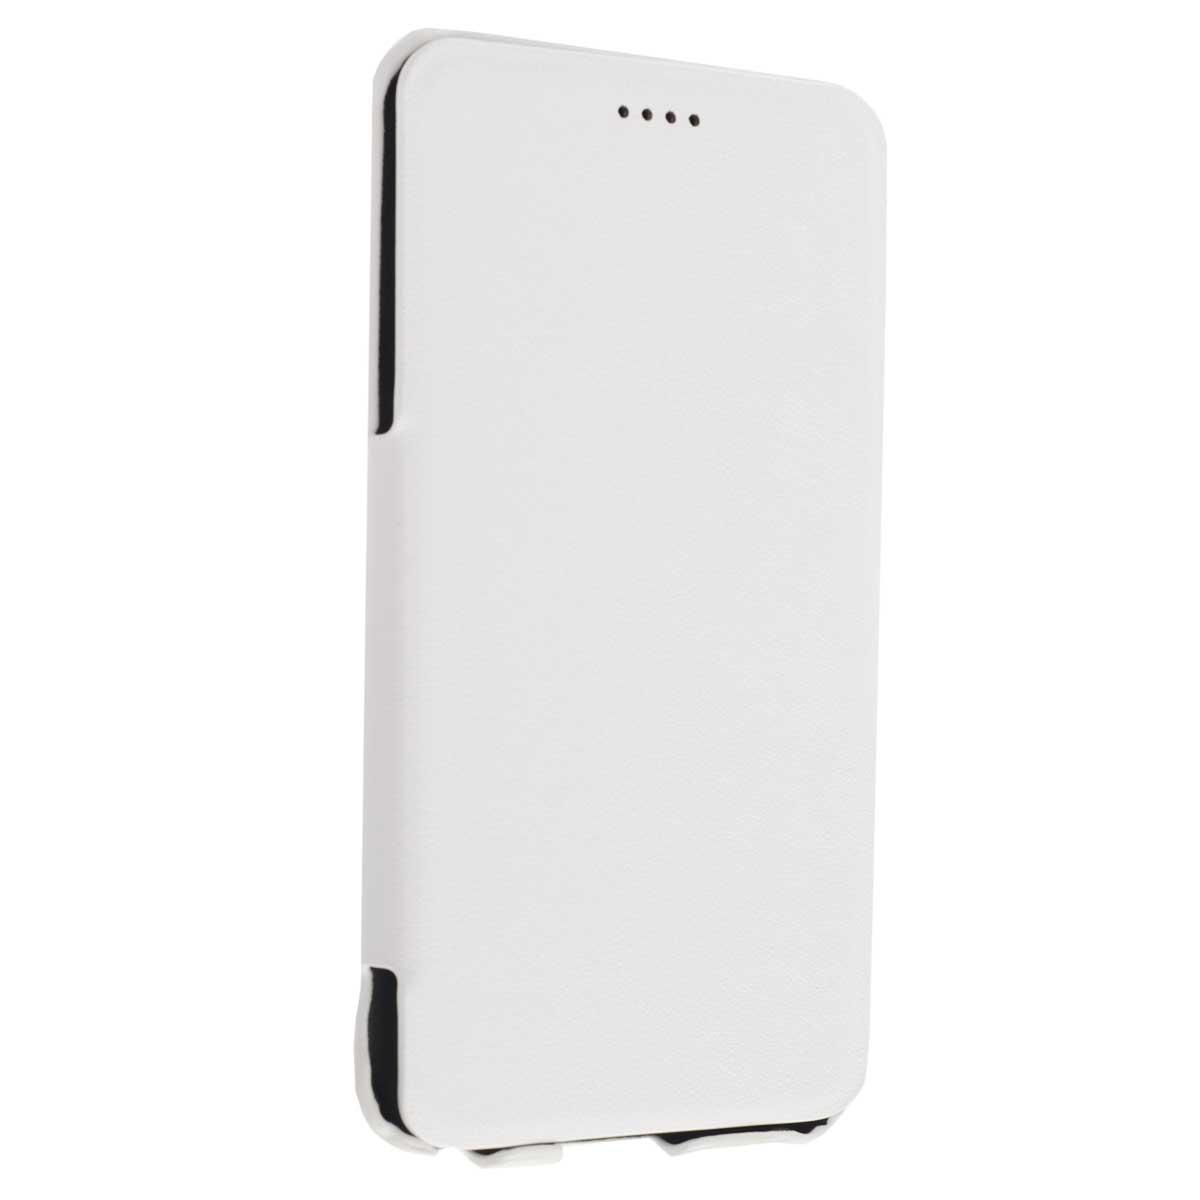 Untamo Rocca чехол для iPhone 6 Plus, WhiteURCBIPHONE6PLWHУльтратонкий чехол Untamo Rocca из эко-кожи с металлической основой. Плотно прилегает к смартфону, формируя жесткий каркас. Подкладка из микрофибры обеспечивает дополнительную защиту устройства от механических повреждений.